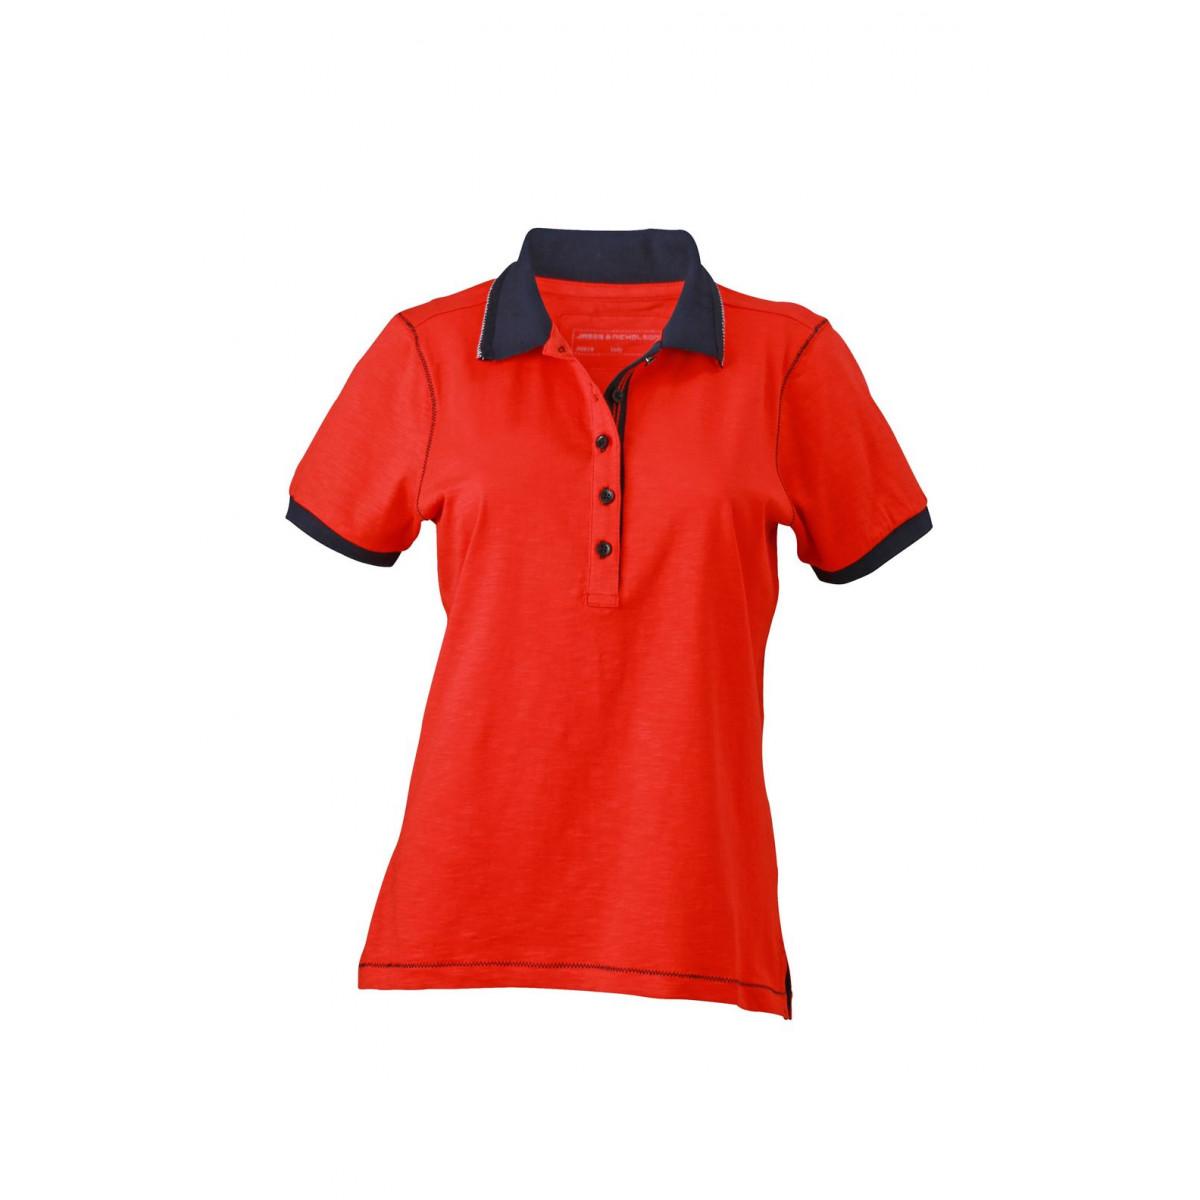 Рубашка поло женская JN979 Ladies Urban Polo - Томатный/Темно-синий